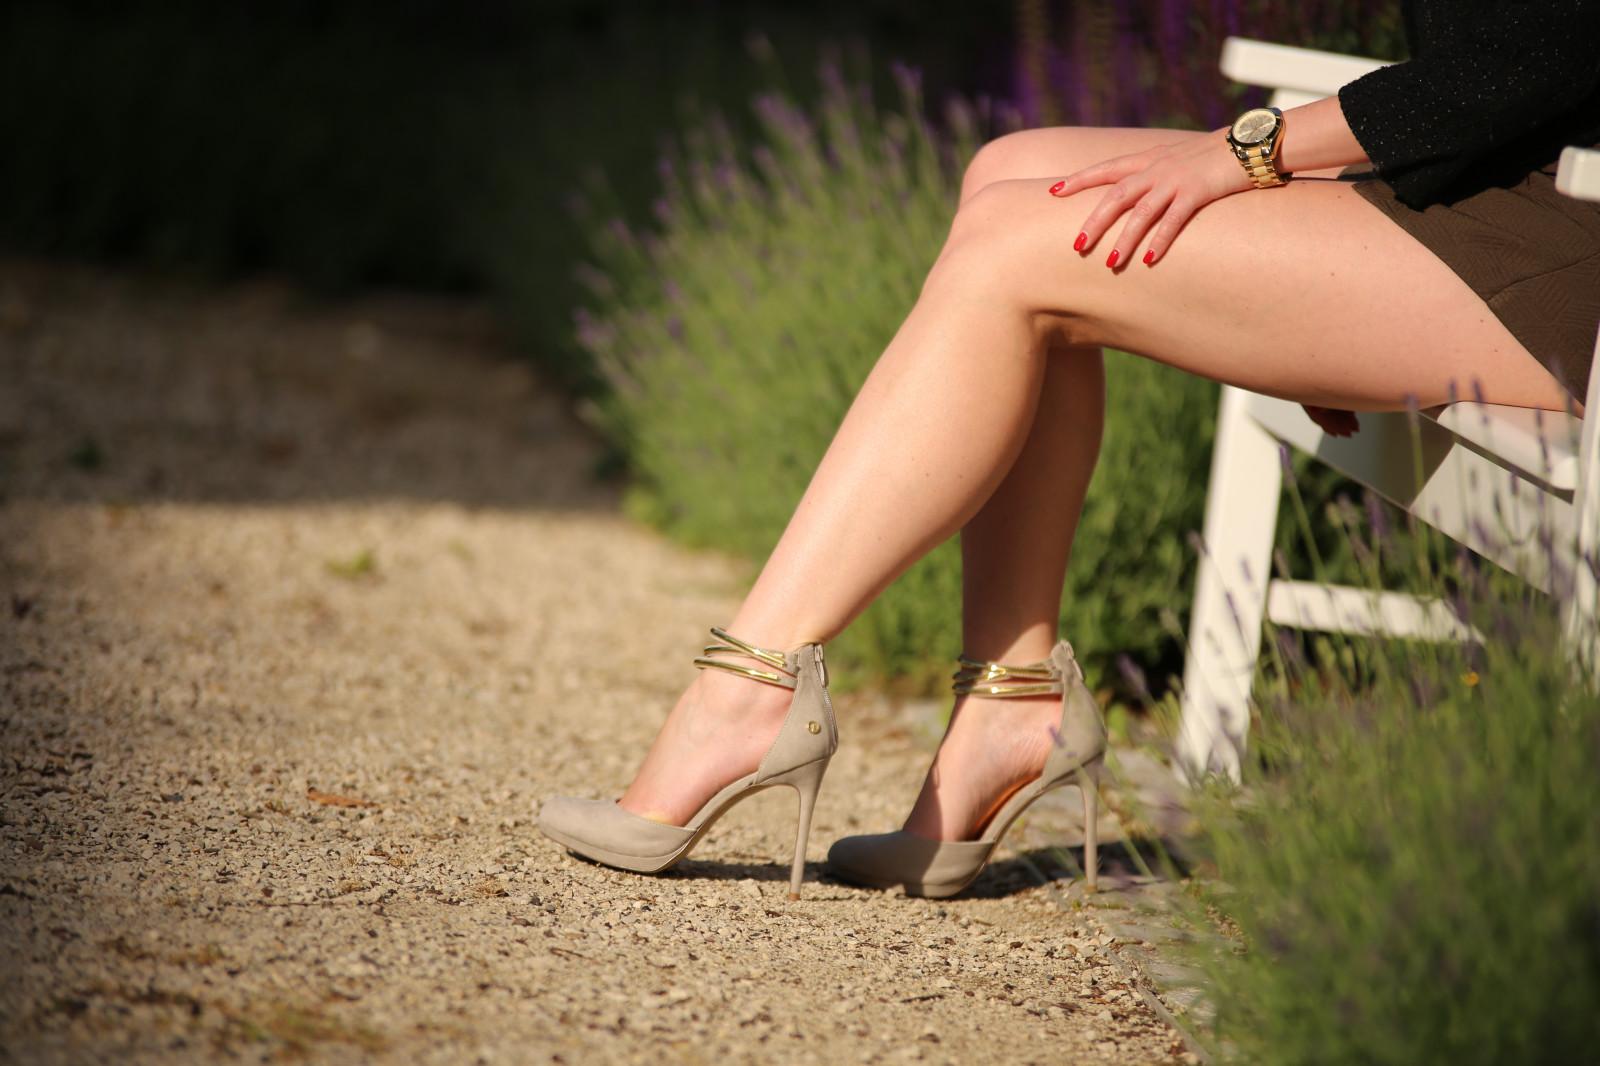 красивые босые женские ножки только видео краснушки, мальчуган